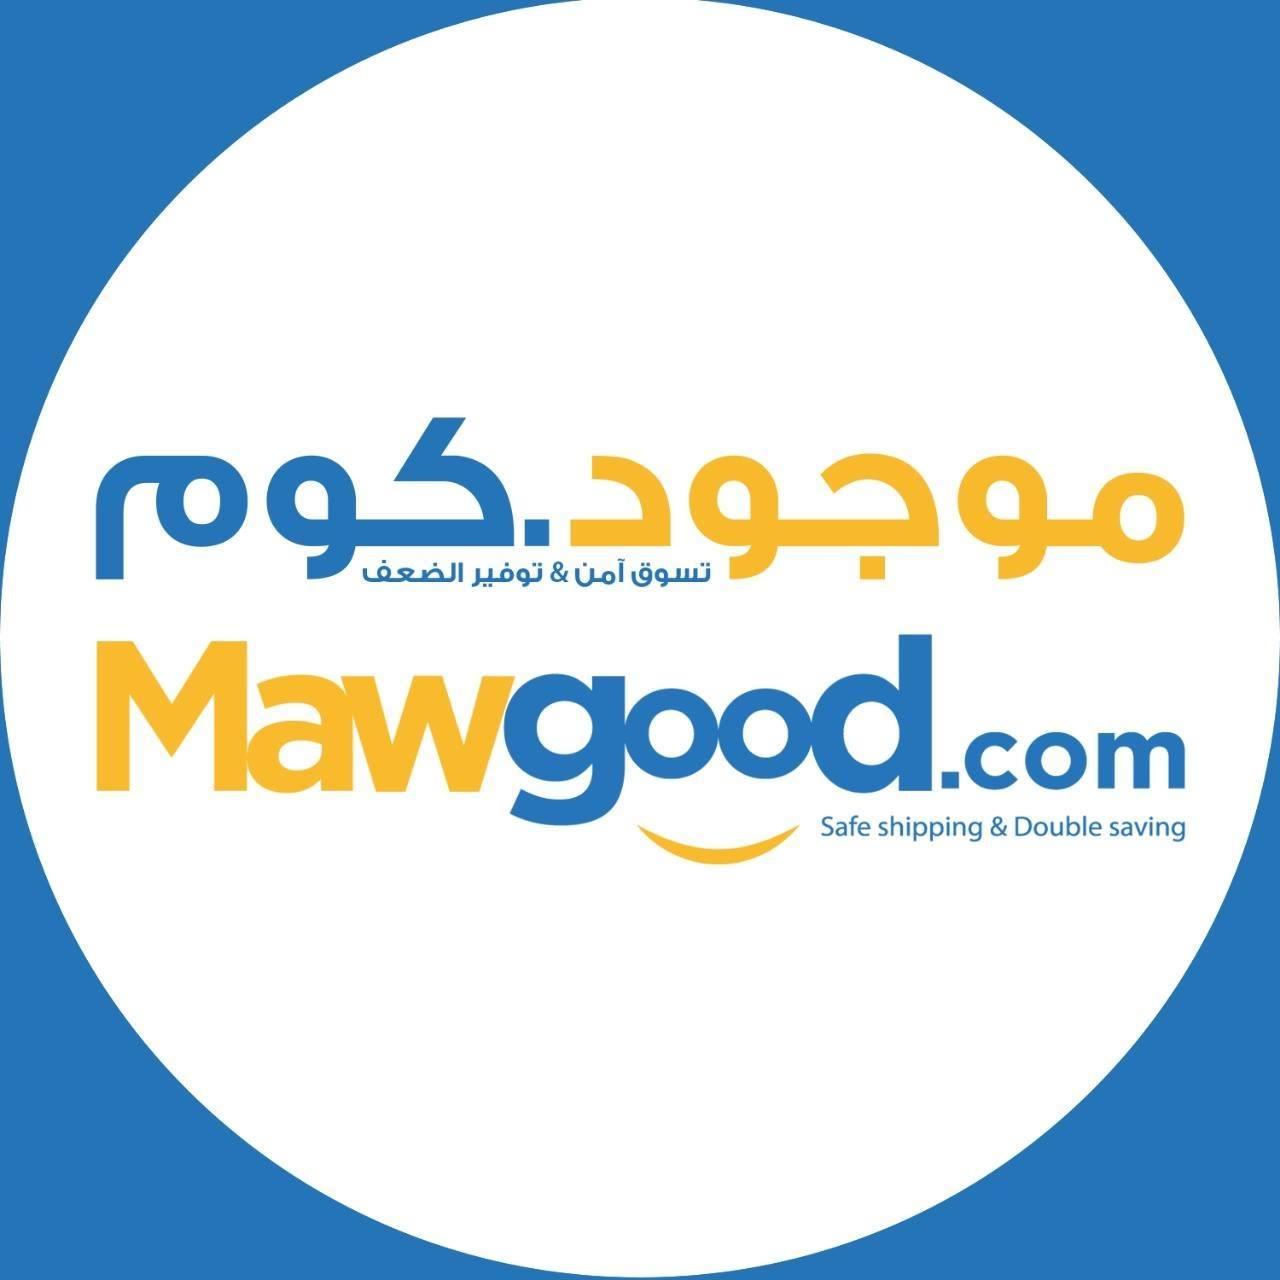 موجود.كوم Mawgood.com